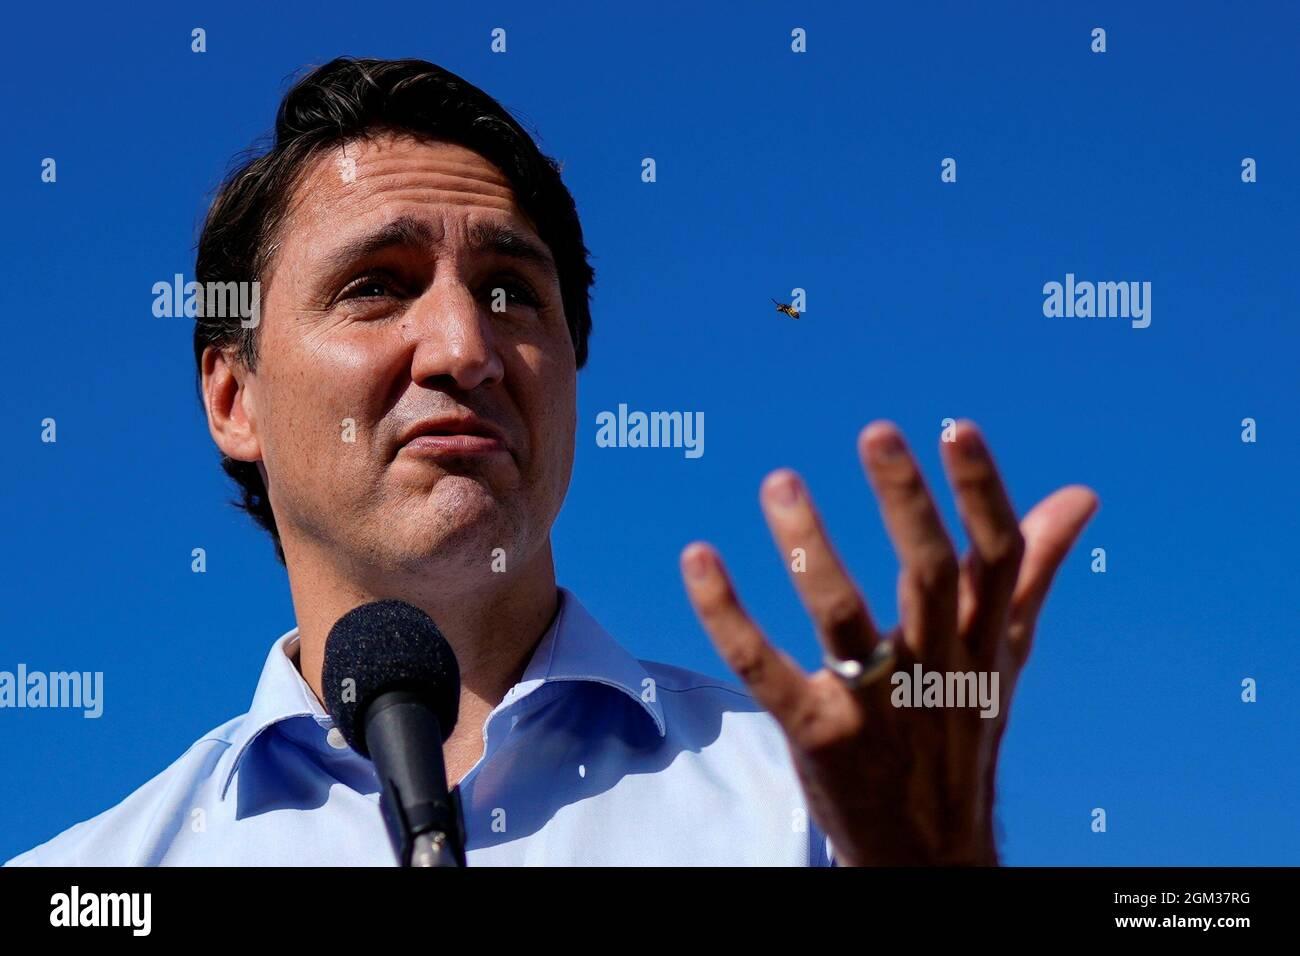 Une abeille vole près du premier ministre libéral du Canada Justin Trudeau lors d'un arrêt de campagne électorale à Montréal, Québec, Canada le 16 septembre 2021. REUTERS/Carlos Osorio Banque D'Images